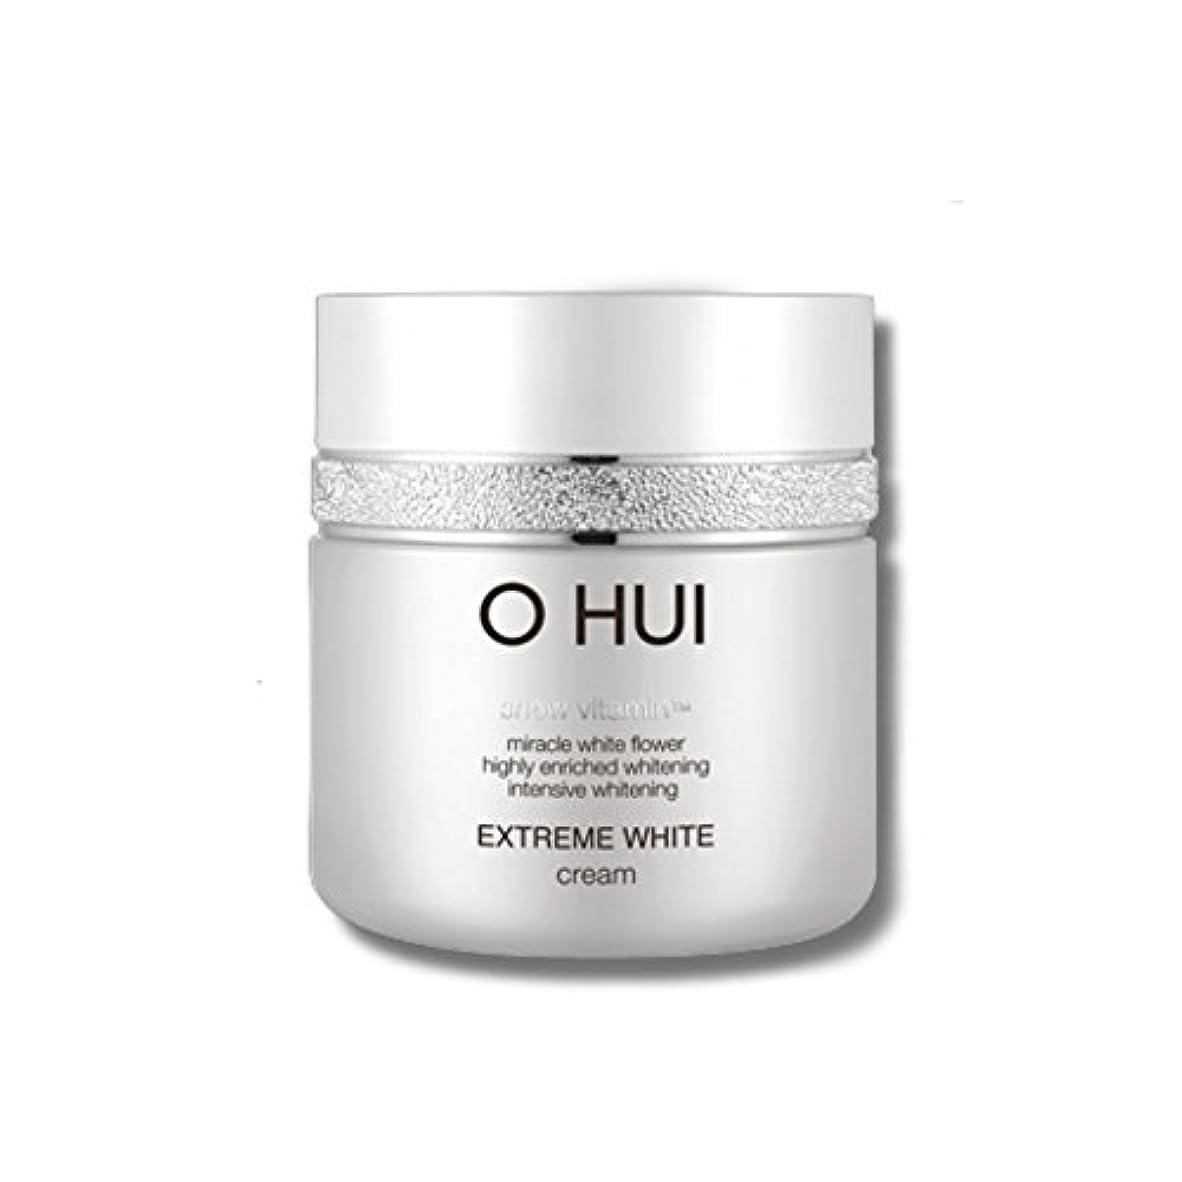 良性トランザクションの前でOHUI Extreme White Cream 50ml/オフィ エクストリーム ホワイト クリーム 50ml [並行輸入品]